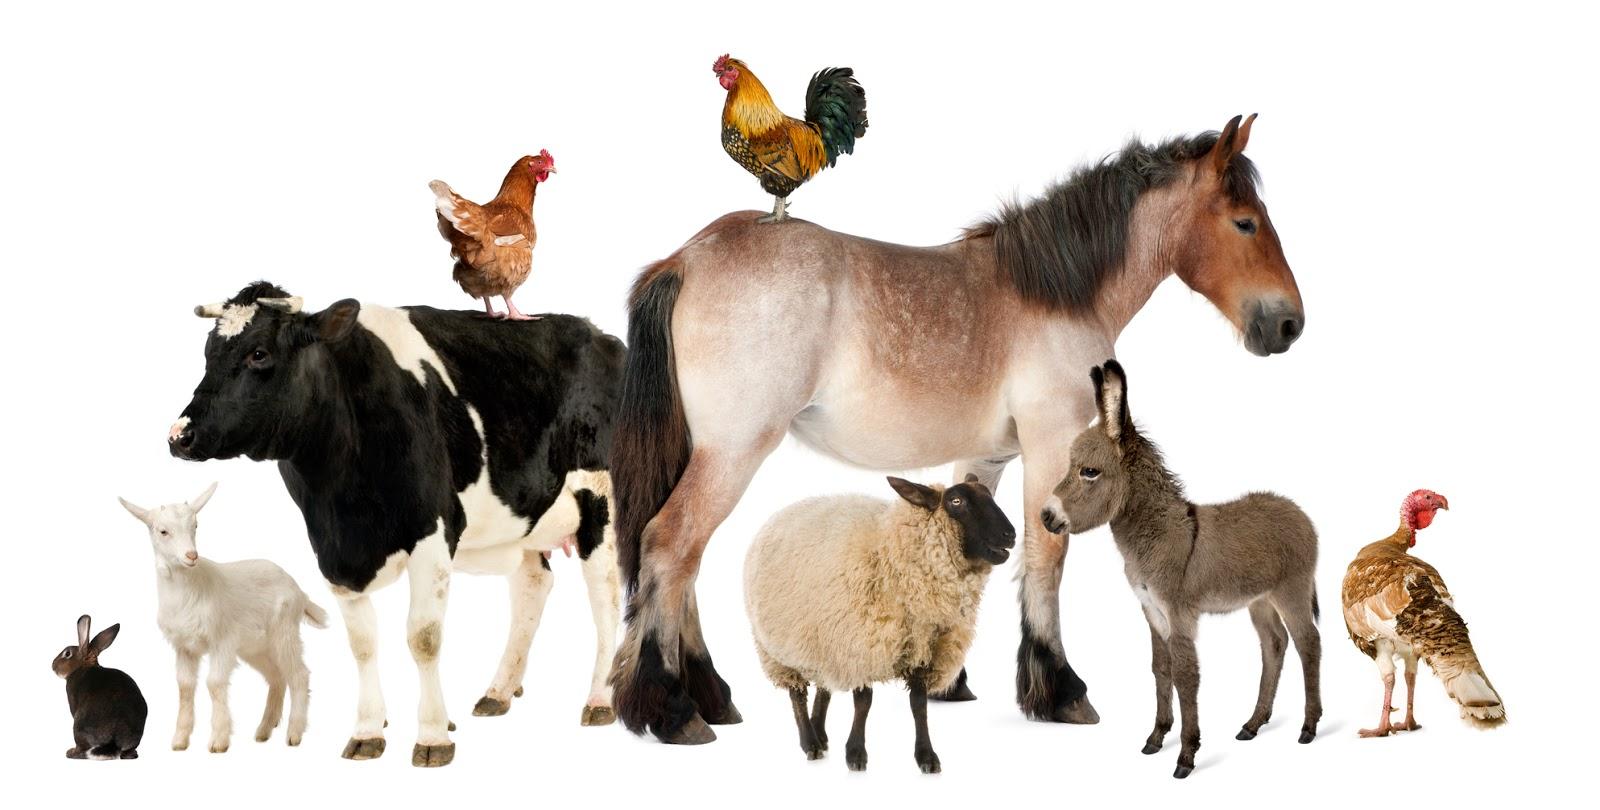 Banco de im genes animales muy lindos de nuestro planeta 12 fotos en hd - Image animaux gratuite ...